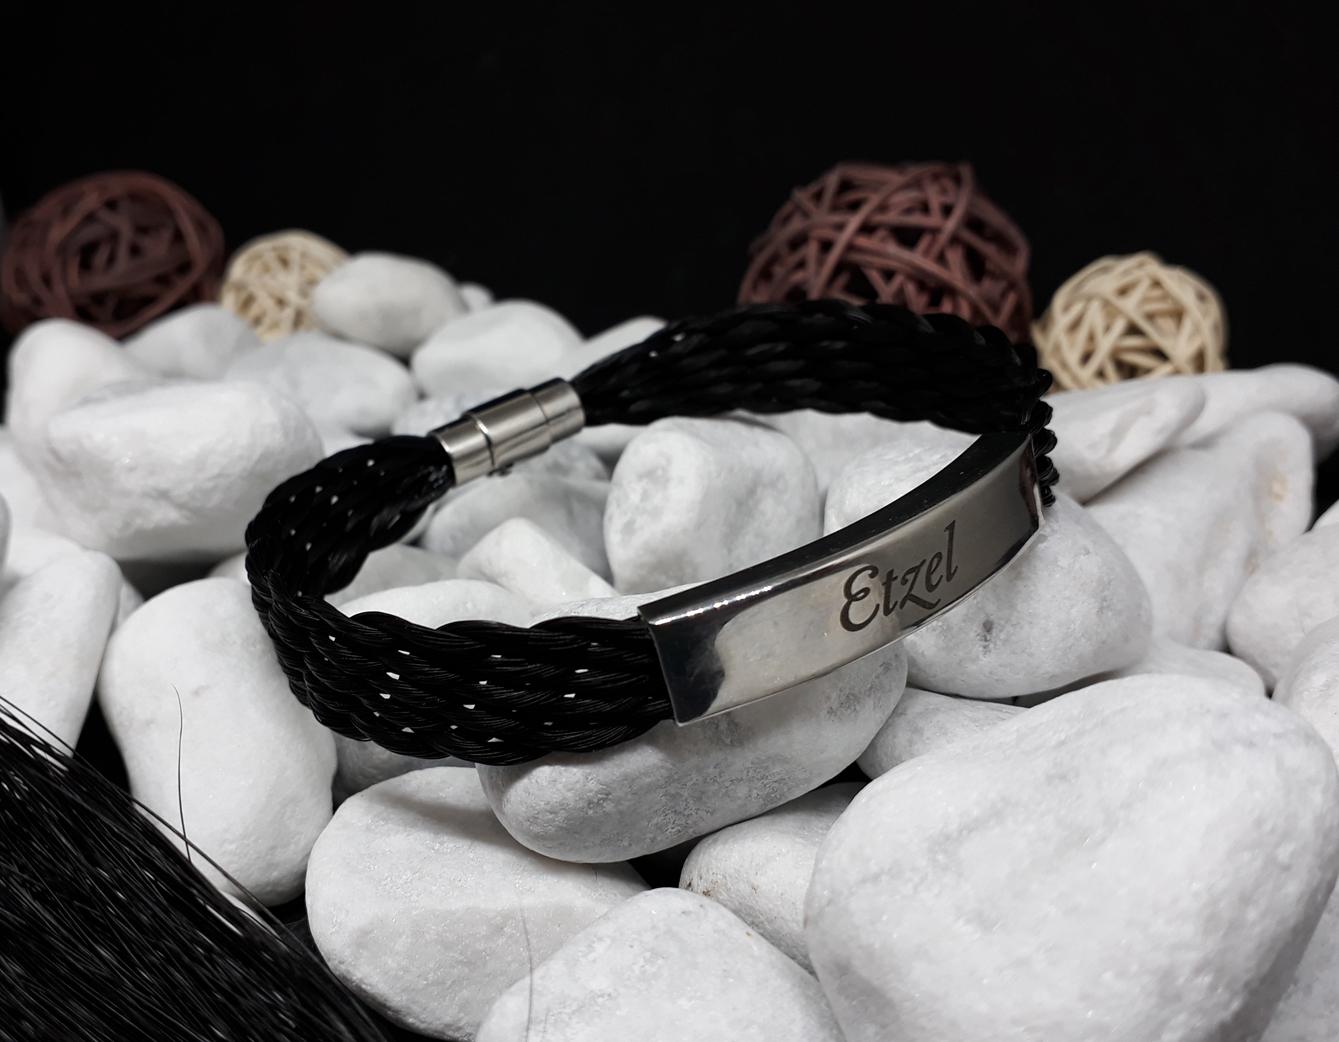 F10-Gravur: Flach geflochtenes Armband aus 10 Strängen mit rechteckiger flacher Edelstahlhülse mit Gravur, mit Edelstahl-Bajonettverschluss - Preis: 59 Euro